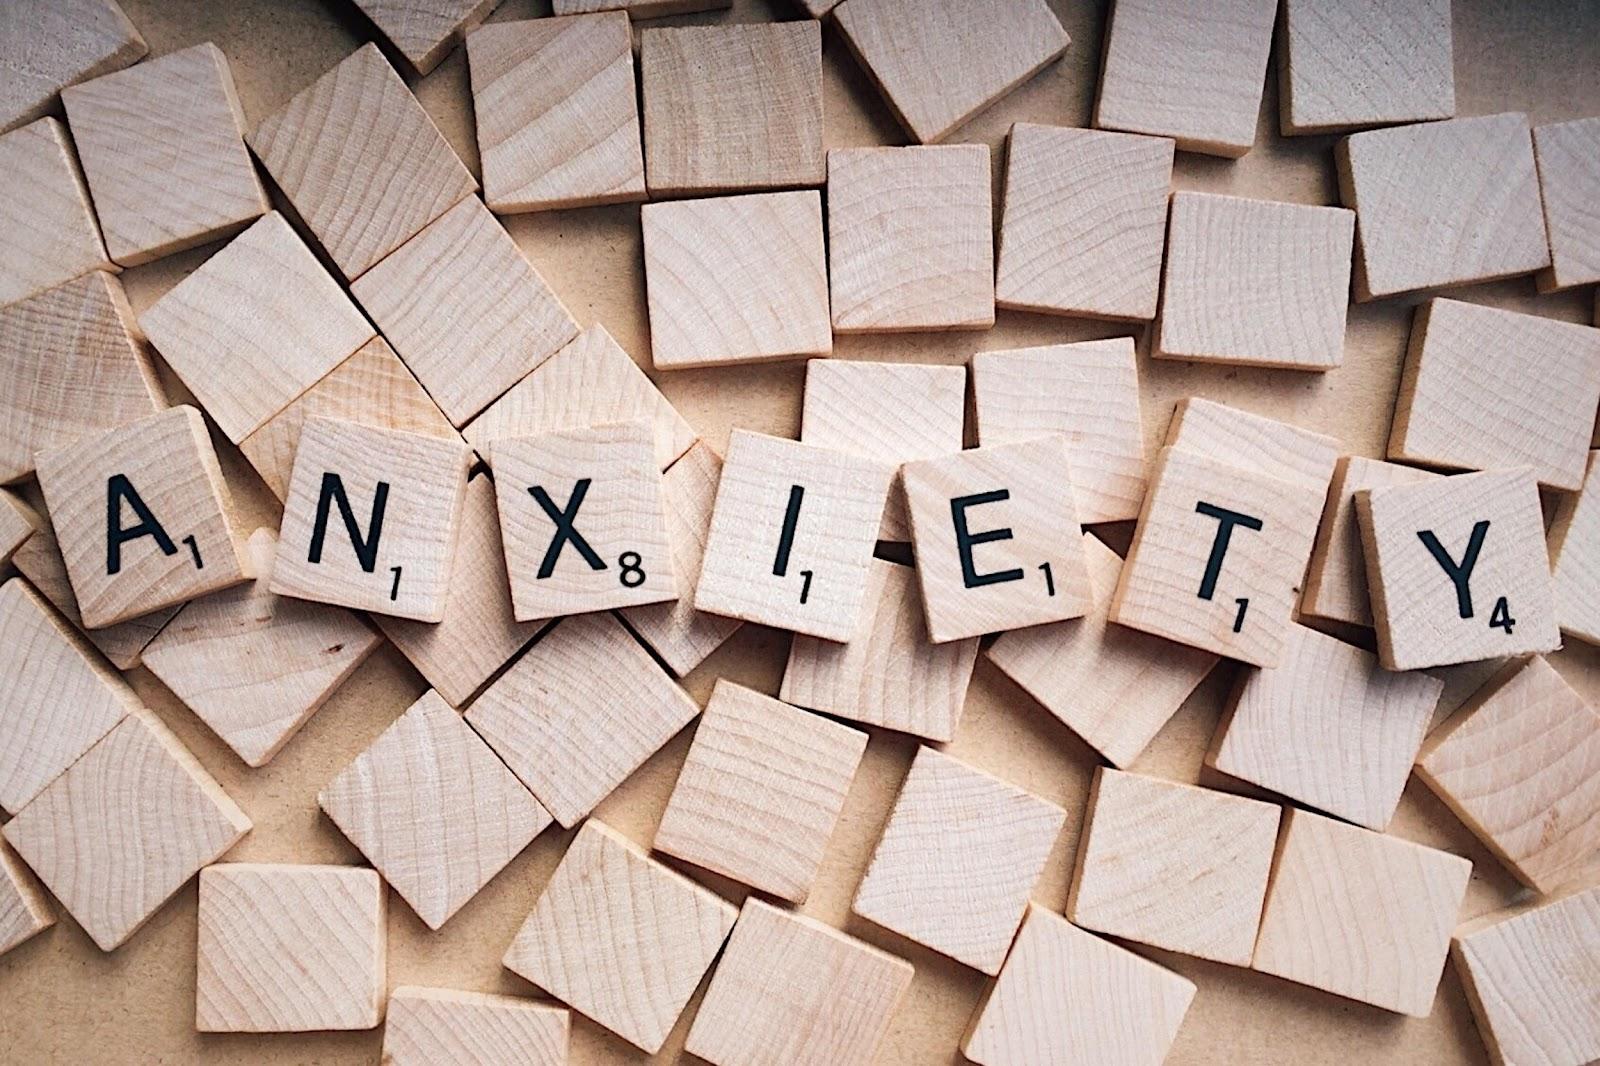 anxiety-2019928.jpg